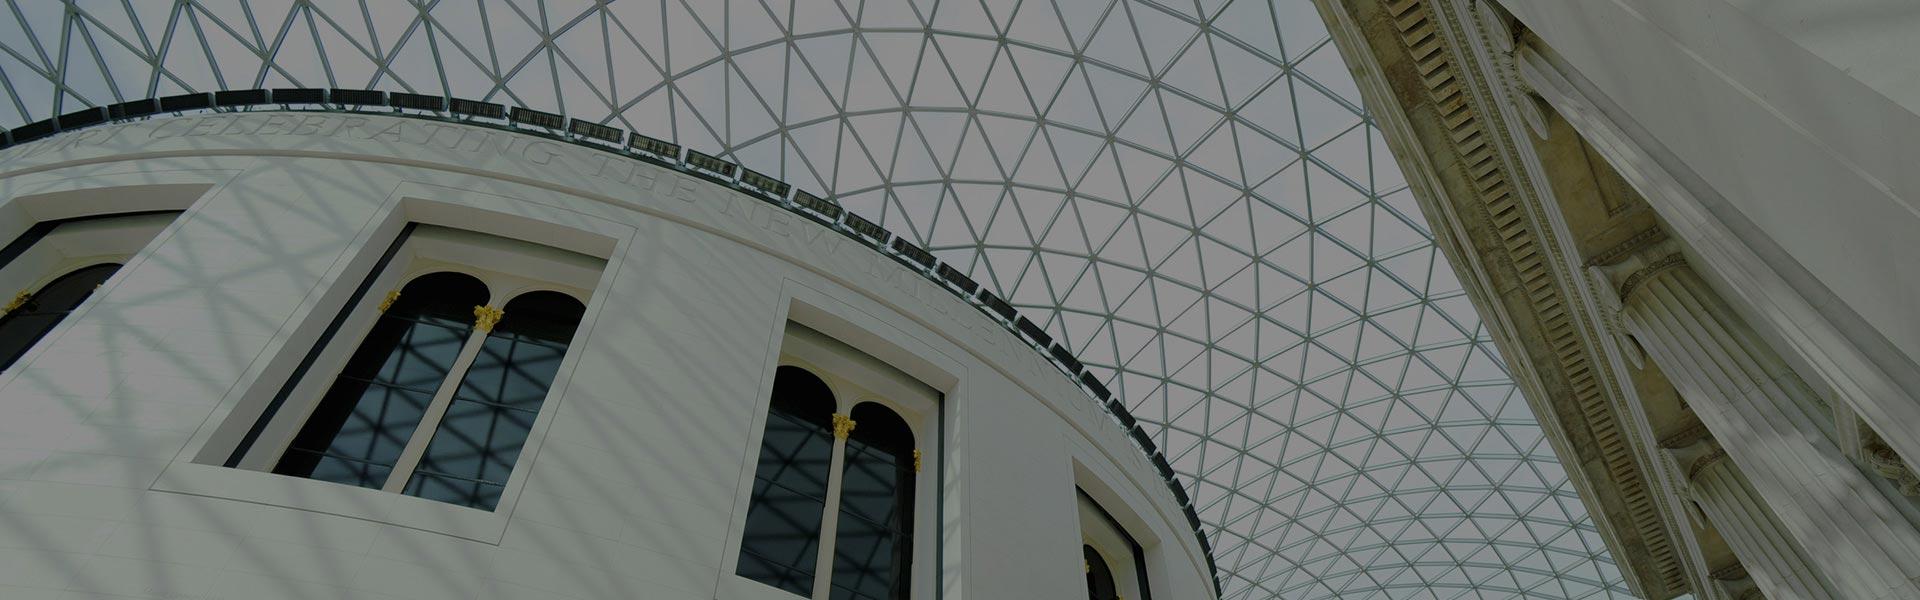 Im Inneren des British Museum